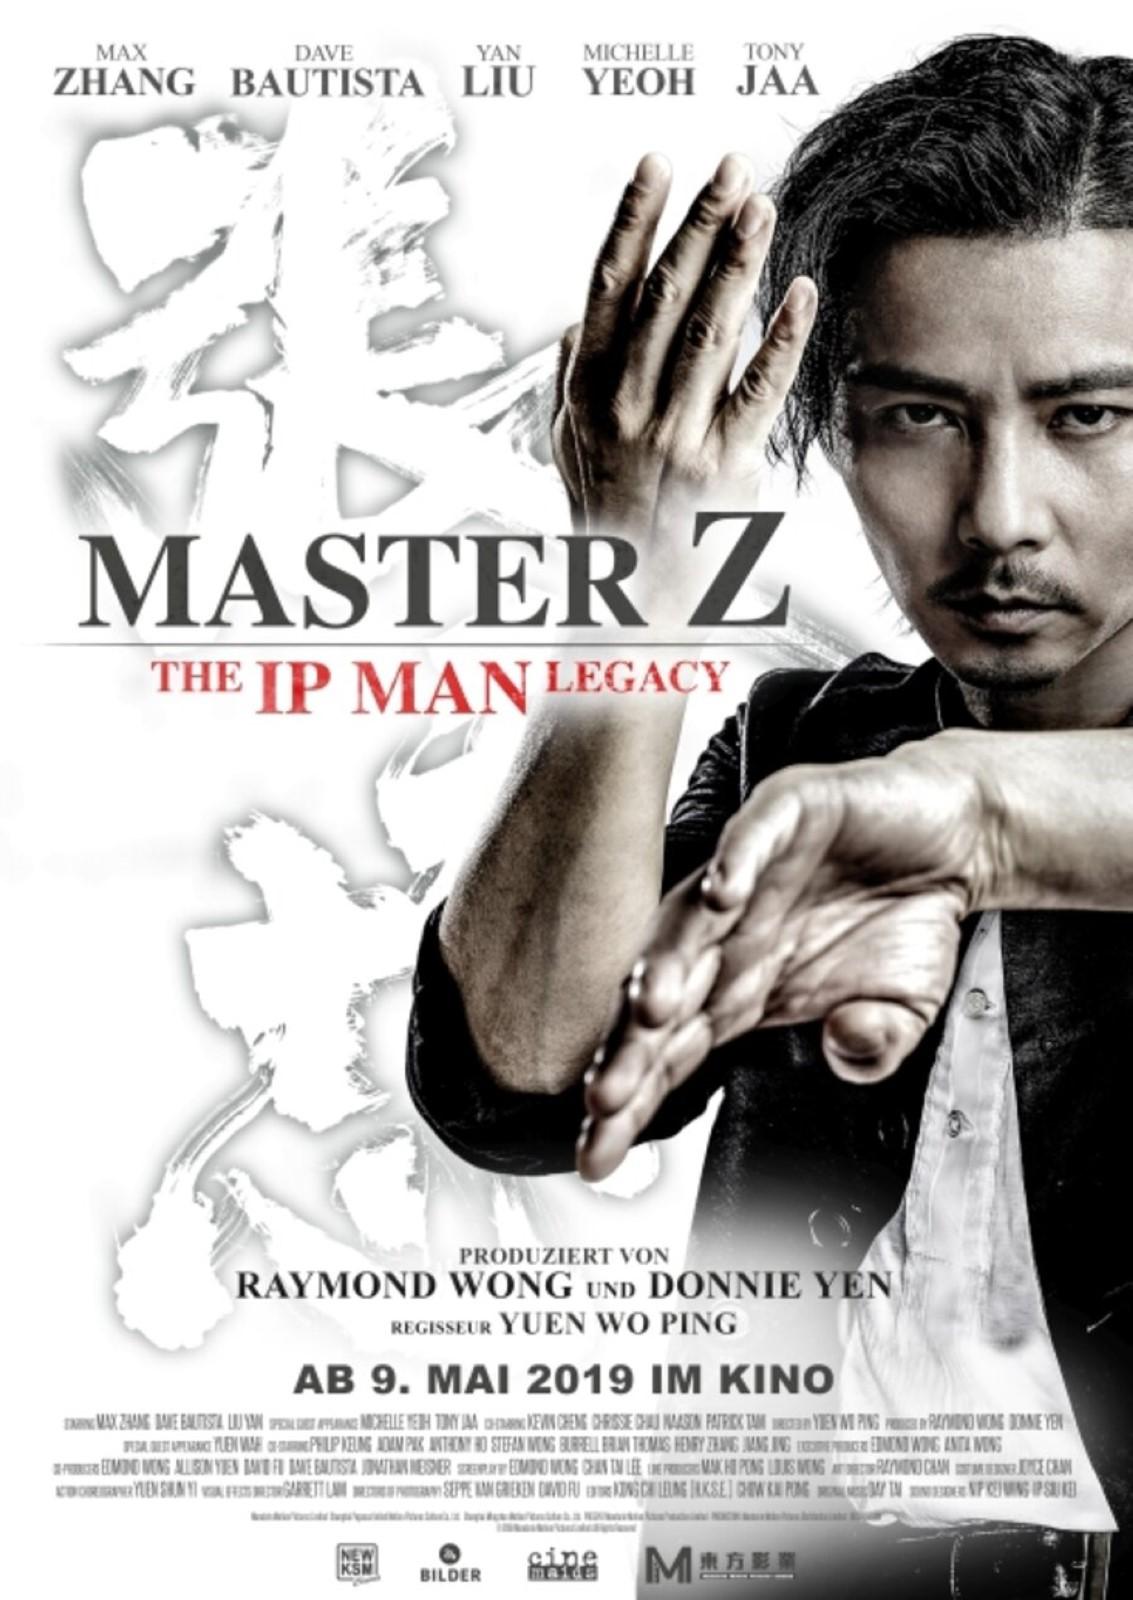 Master Z Ip Man Legacy Trailer & Poster